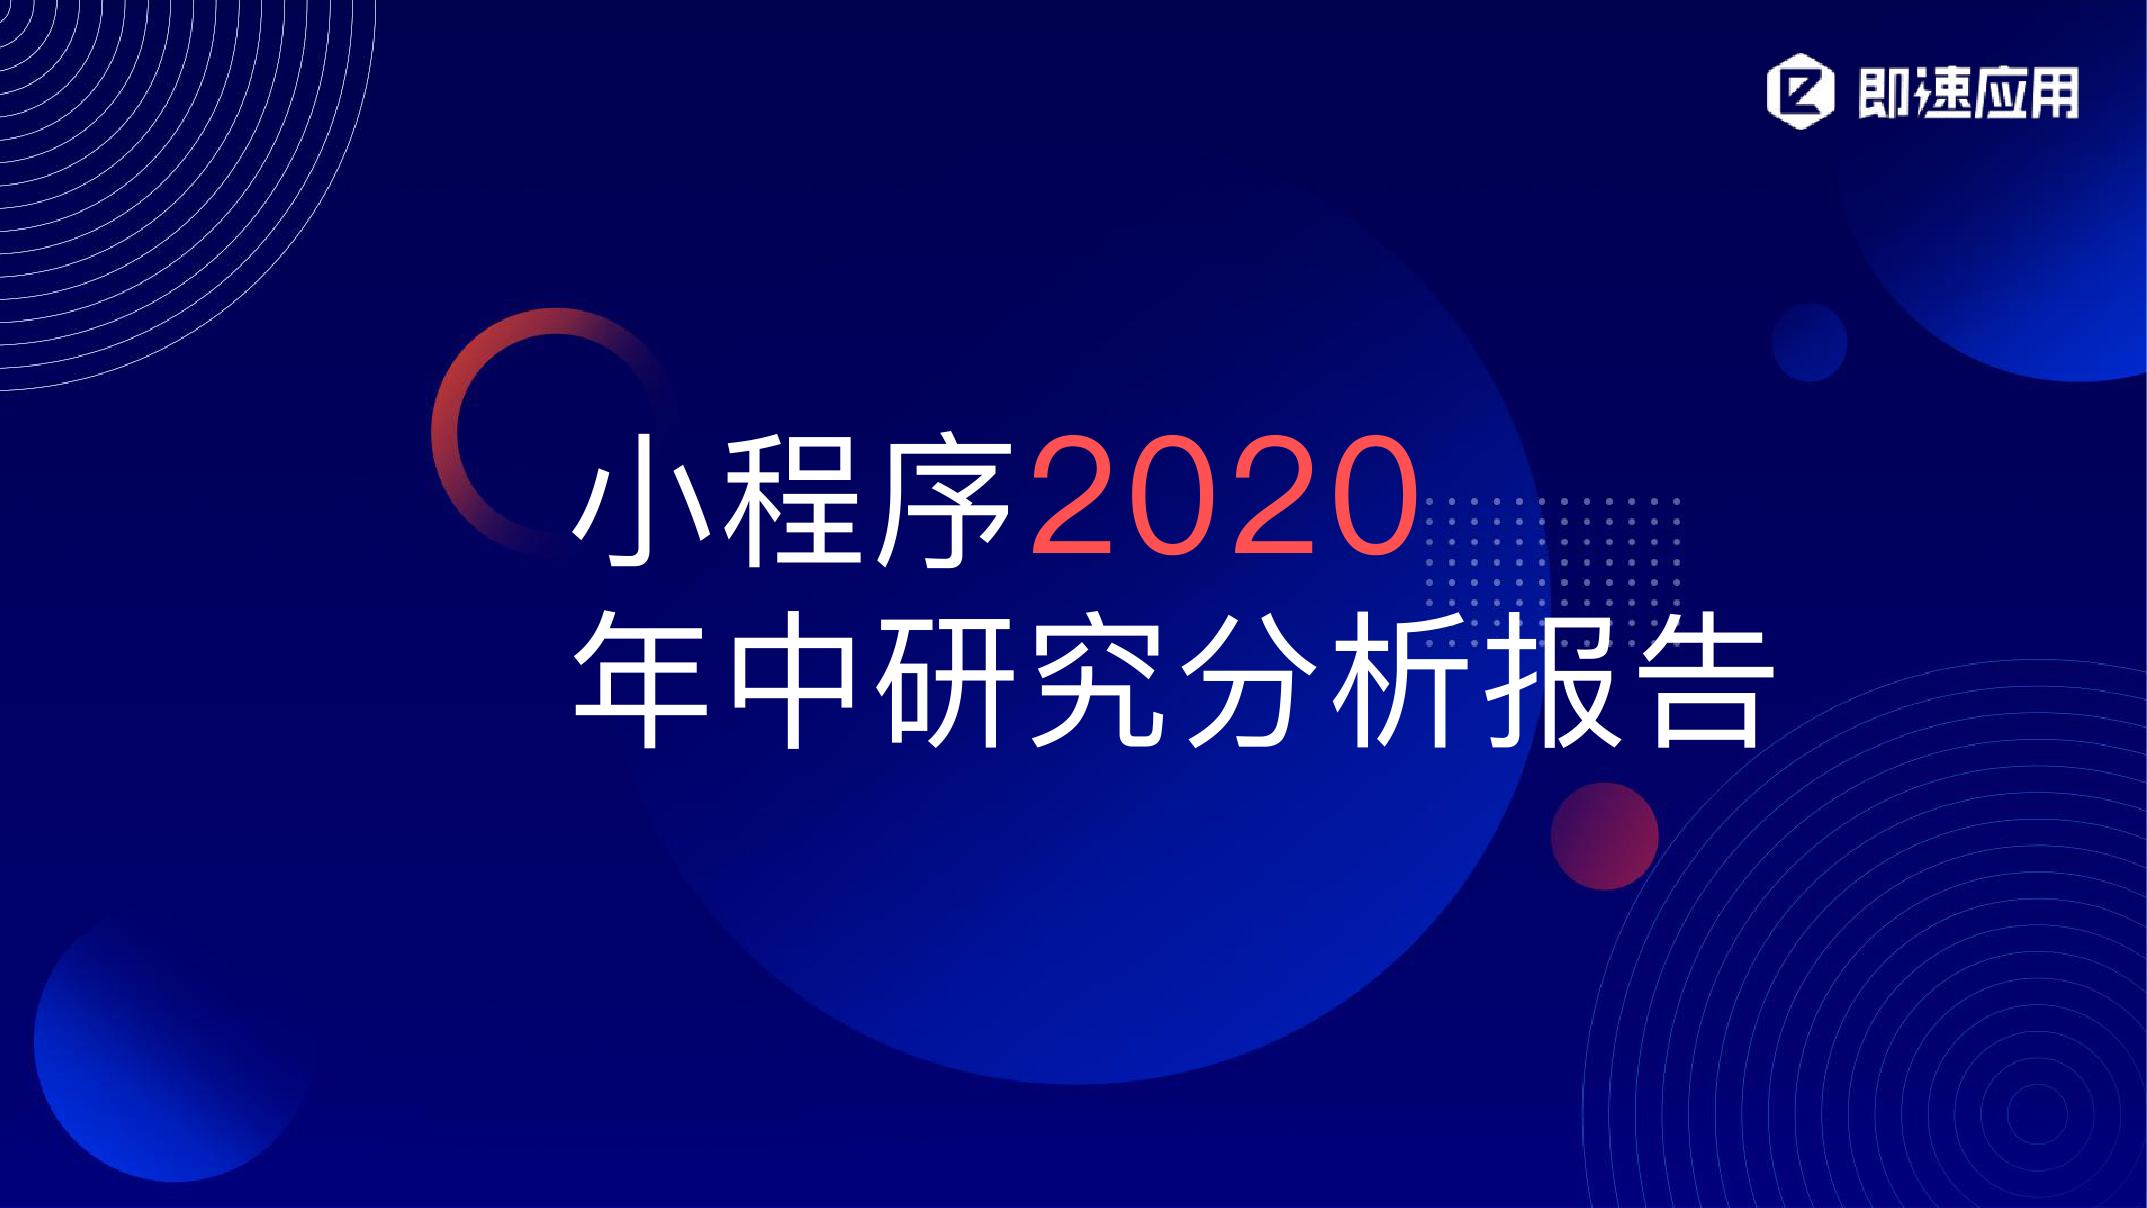 即速应用:2020小程序年中研究分析报告